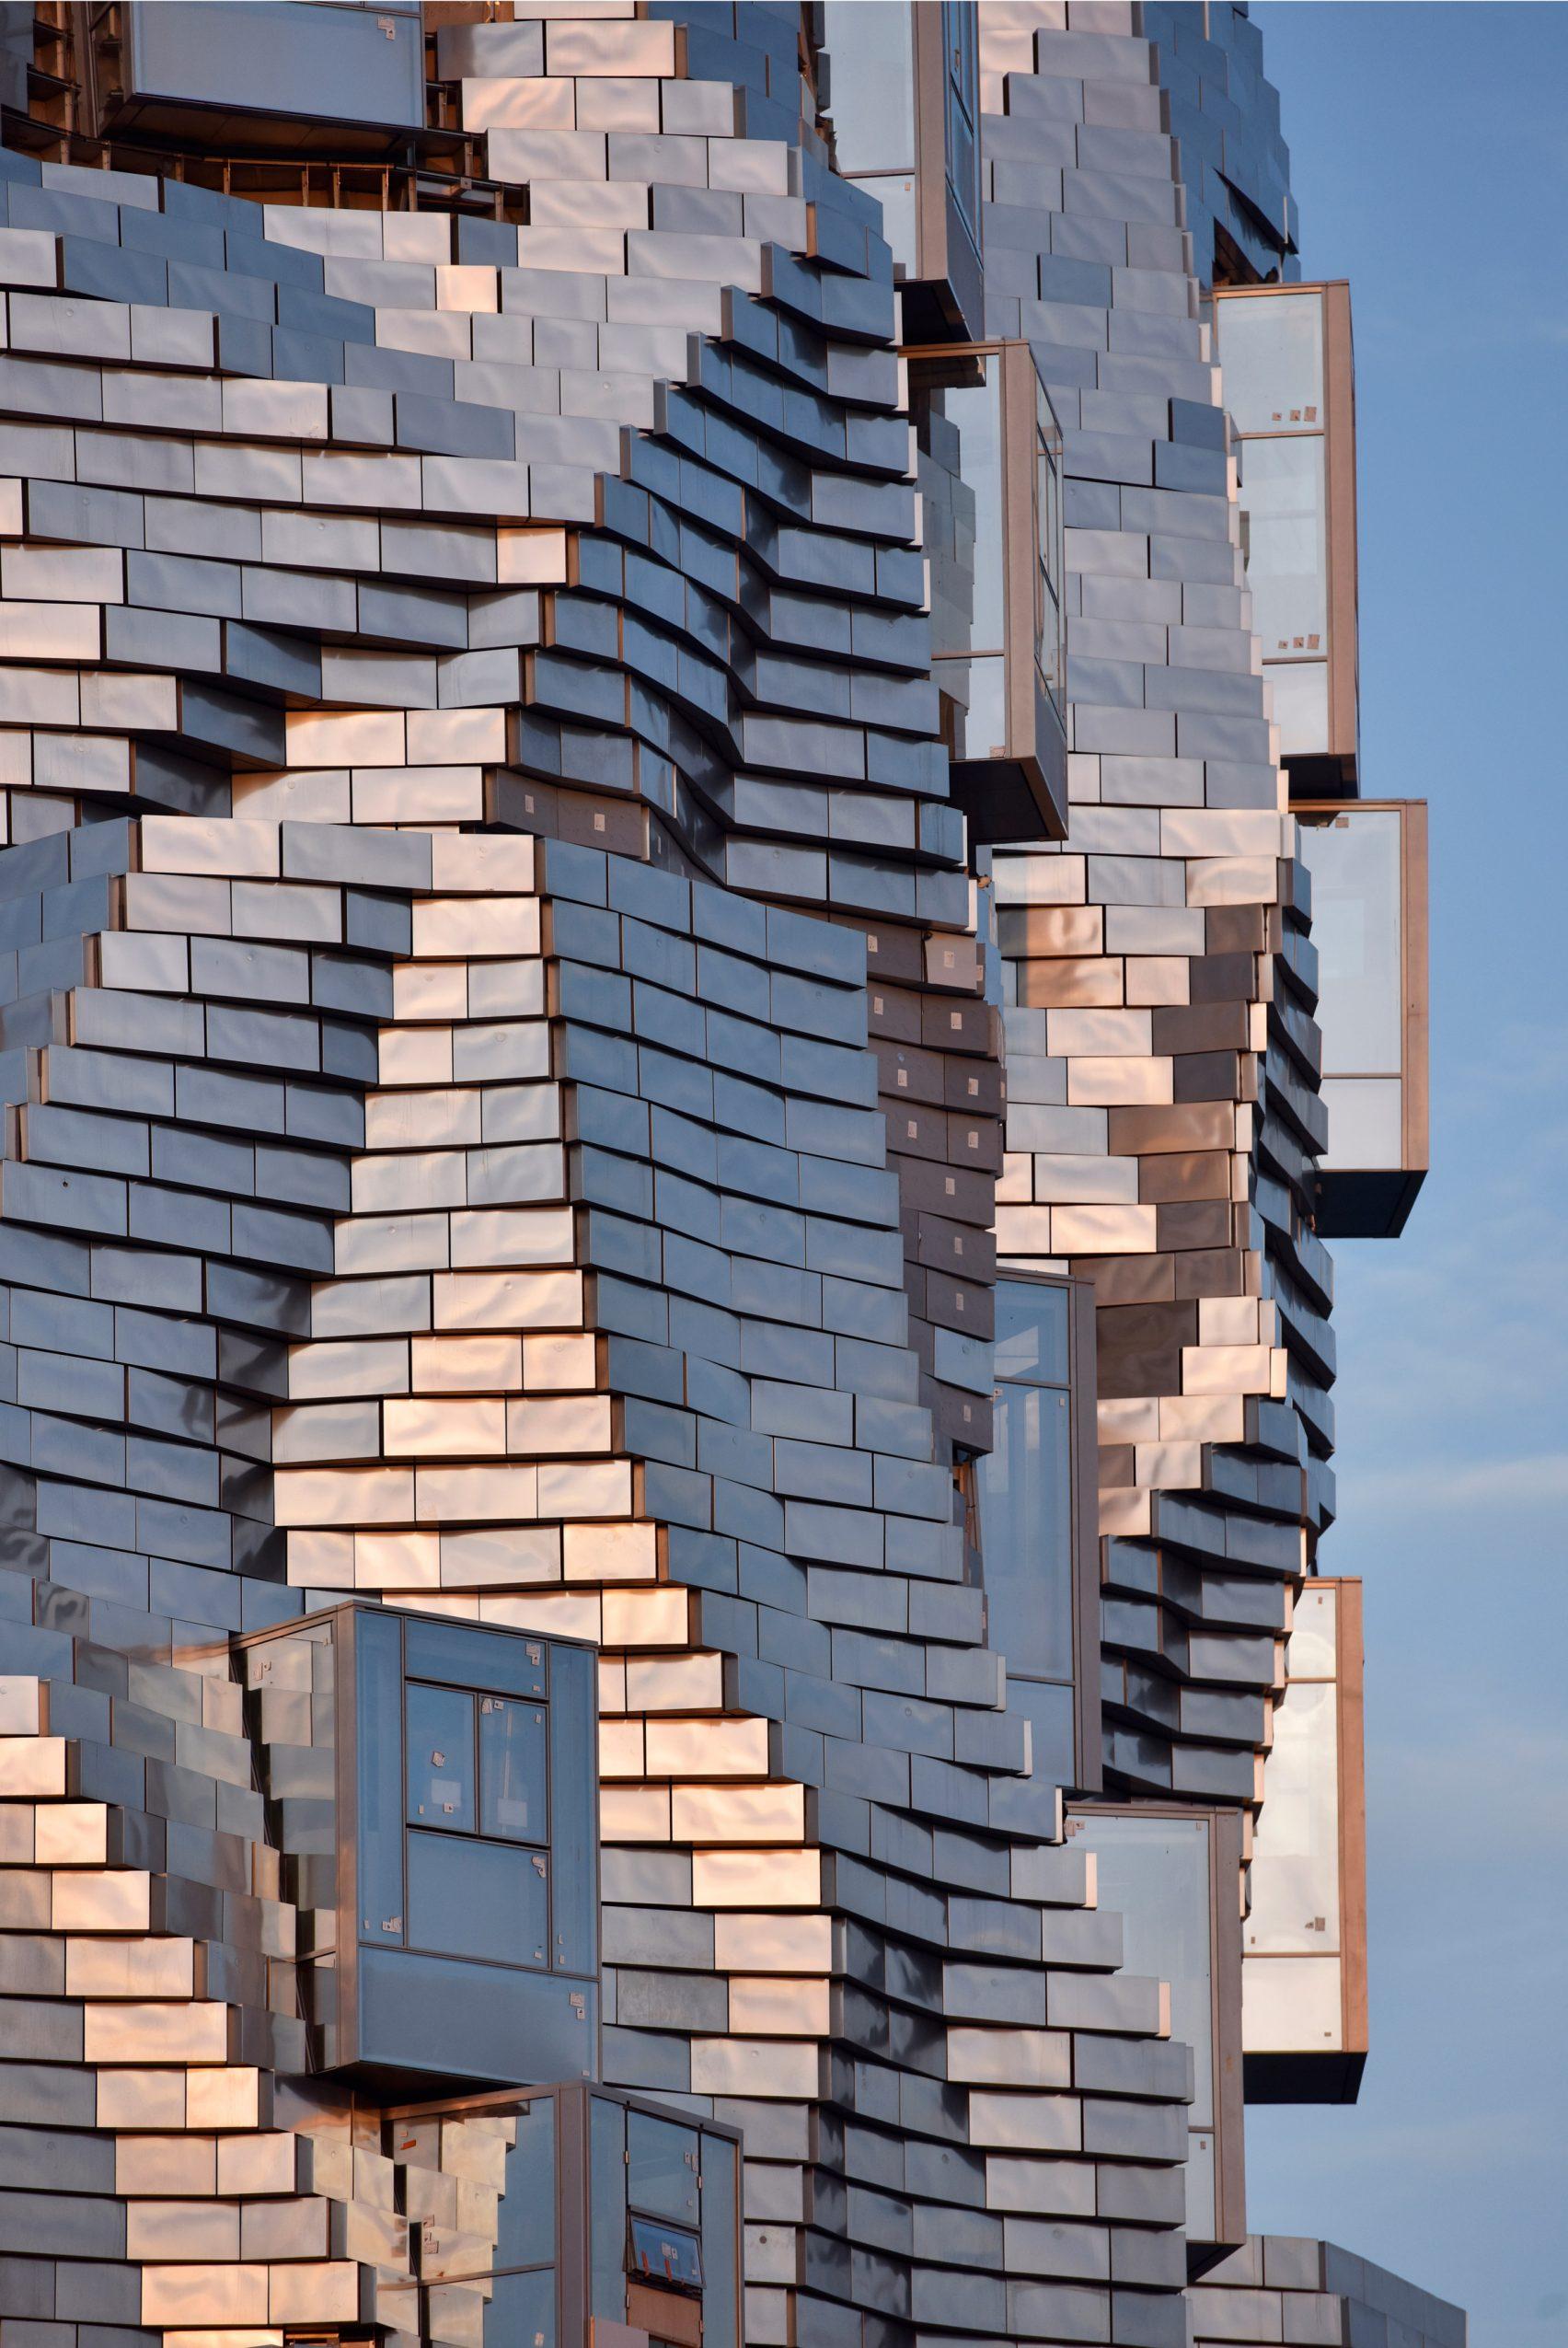 arquitectura paramétrica, curso grasshopper barcelona mexico, curso rhinoceros barcelona mexico, Frank Gehry, LUMA Arles